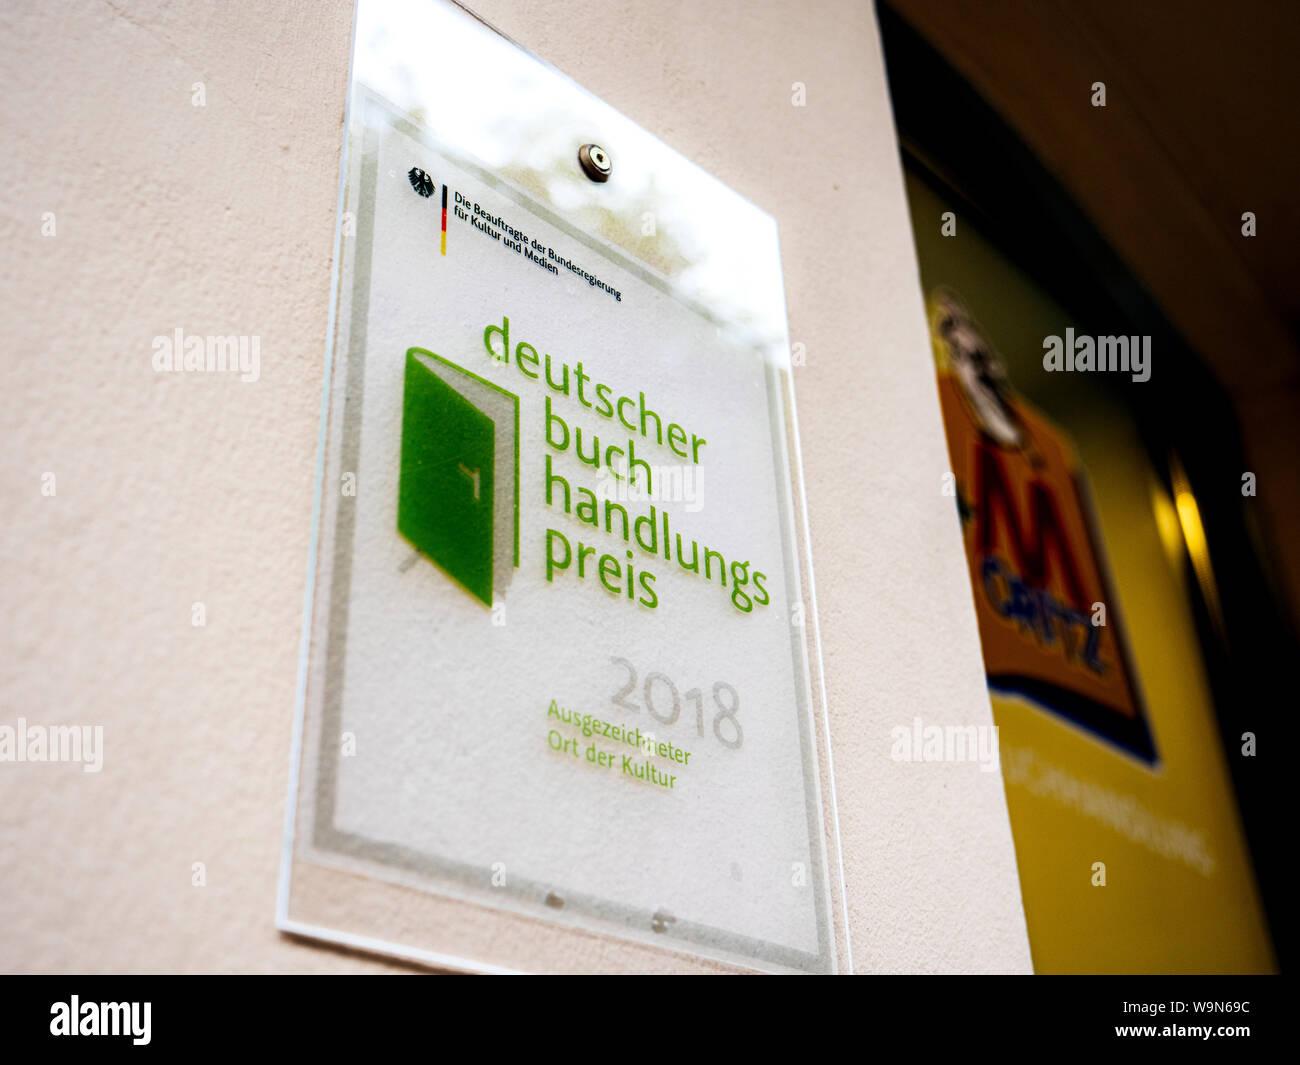 Baden-Baden, Alemania - 7 jul, 2019: Deutscher buch handlungs preis para 2018 traducido como el Premio Alemán de la librería en la entrada de la librería Foto de stock